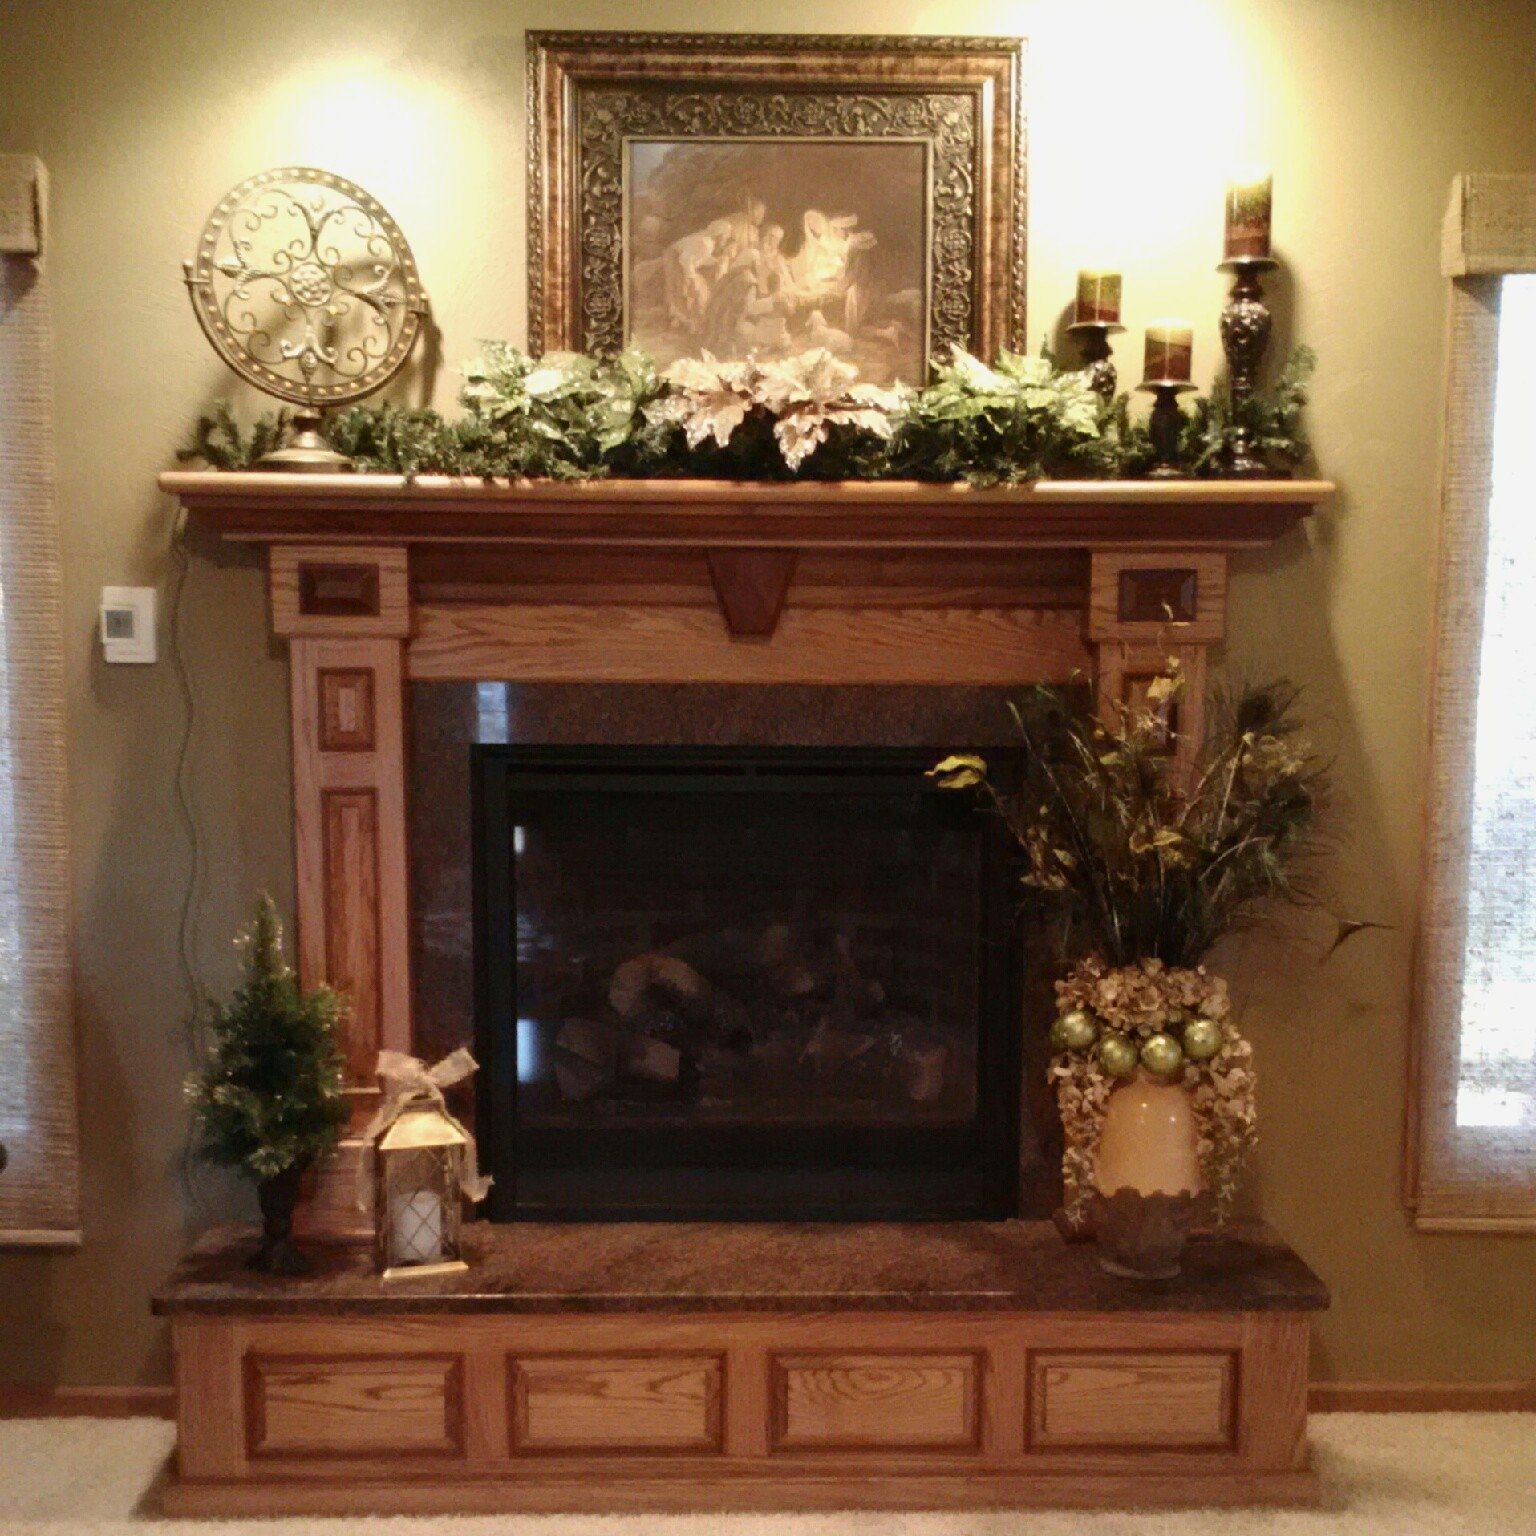 10 Unique Ideas For Fireplace Mantel Decor lighting rustic fireplace mantel decor ideas surround designs